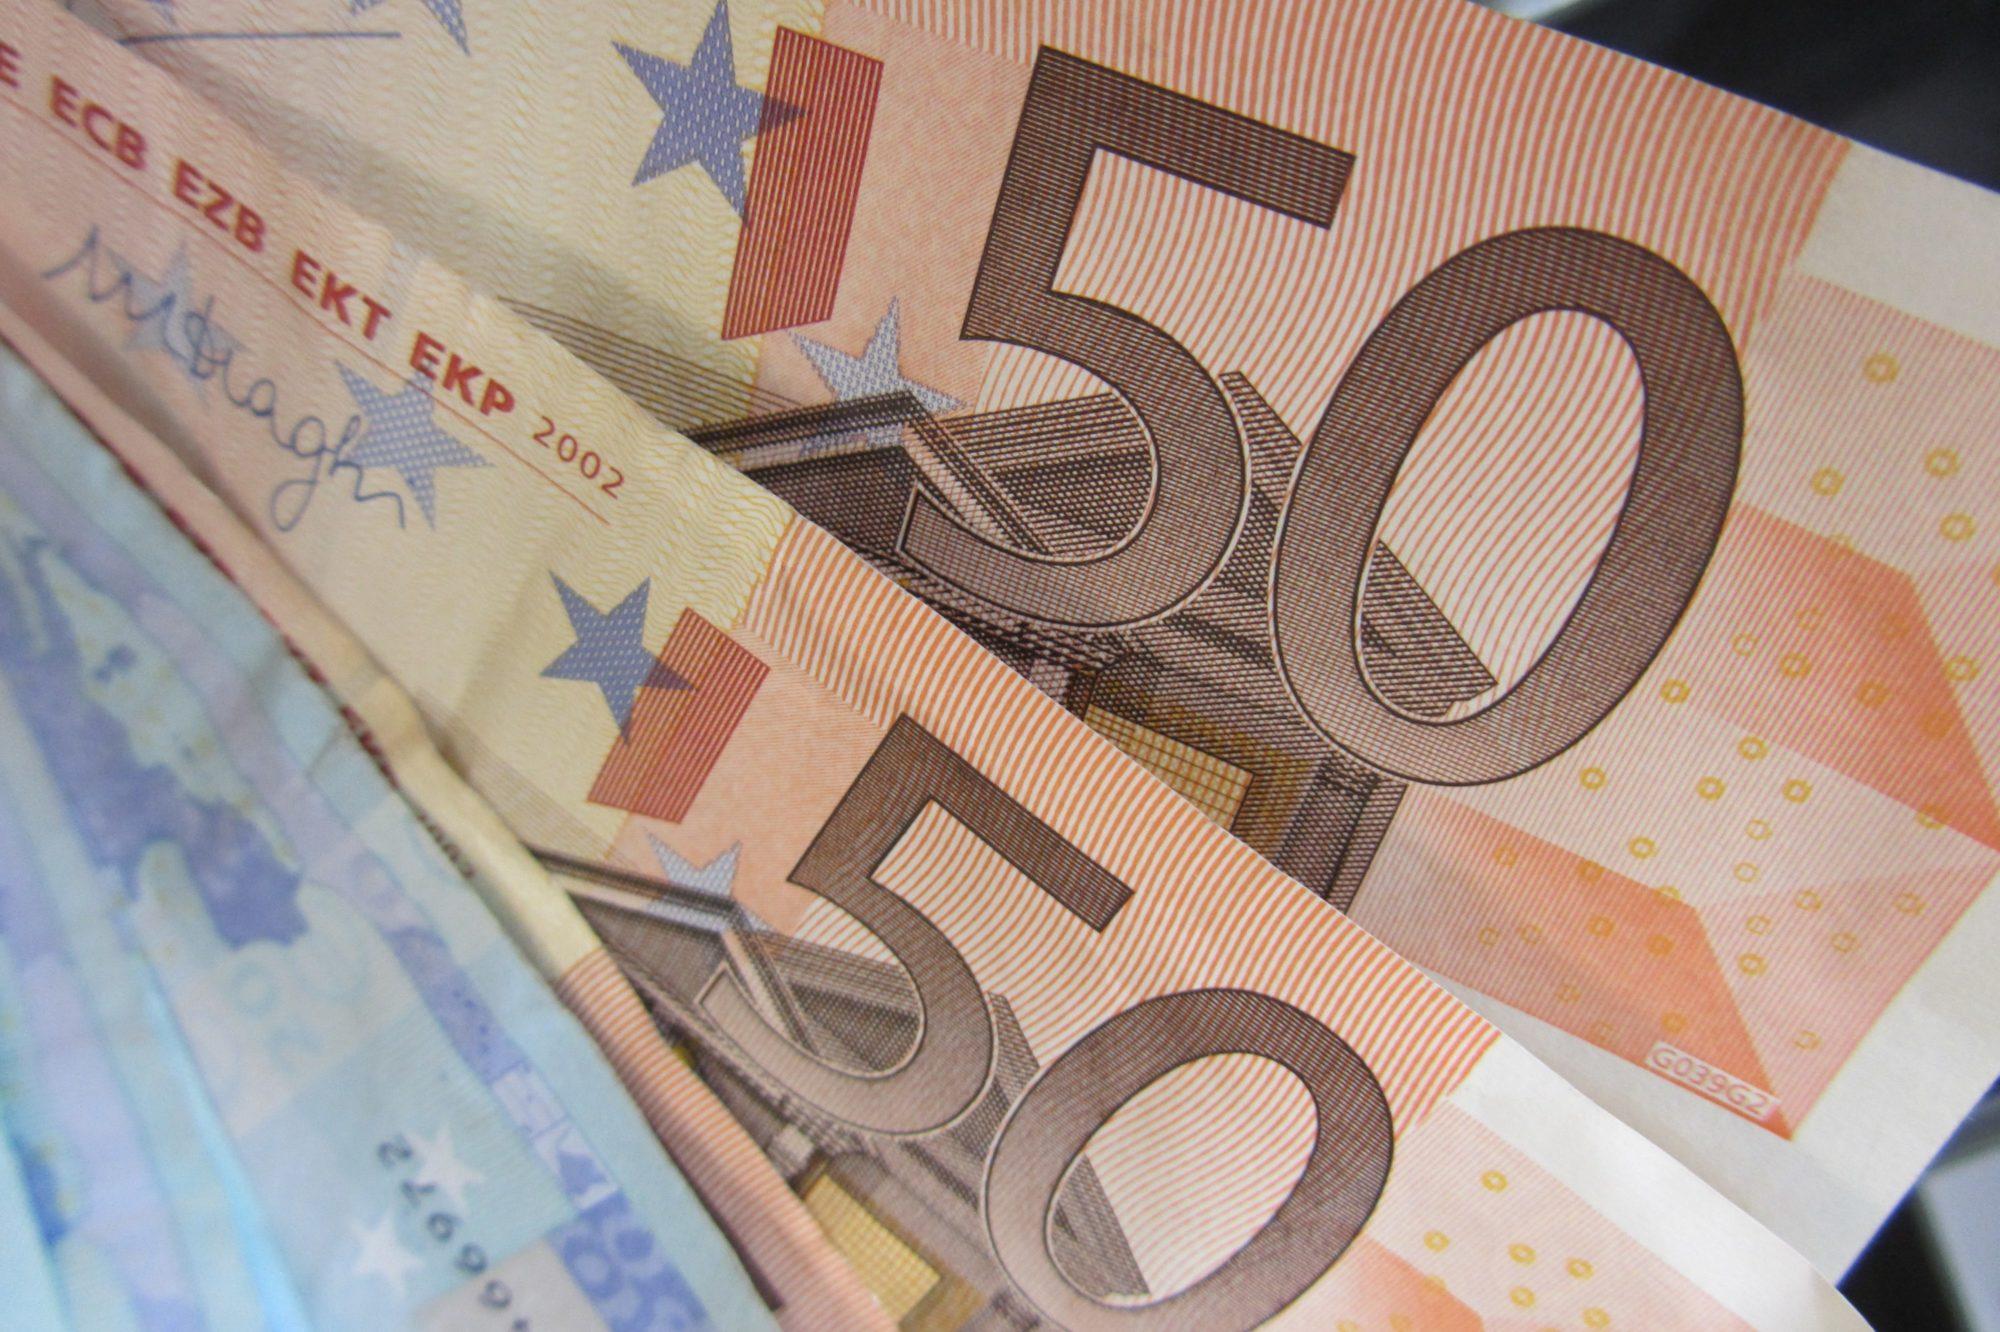 Определен порядок оказания поддержки организации конференций – до 10 тысяч евро без решения думы